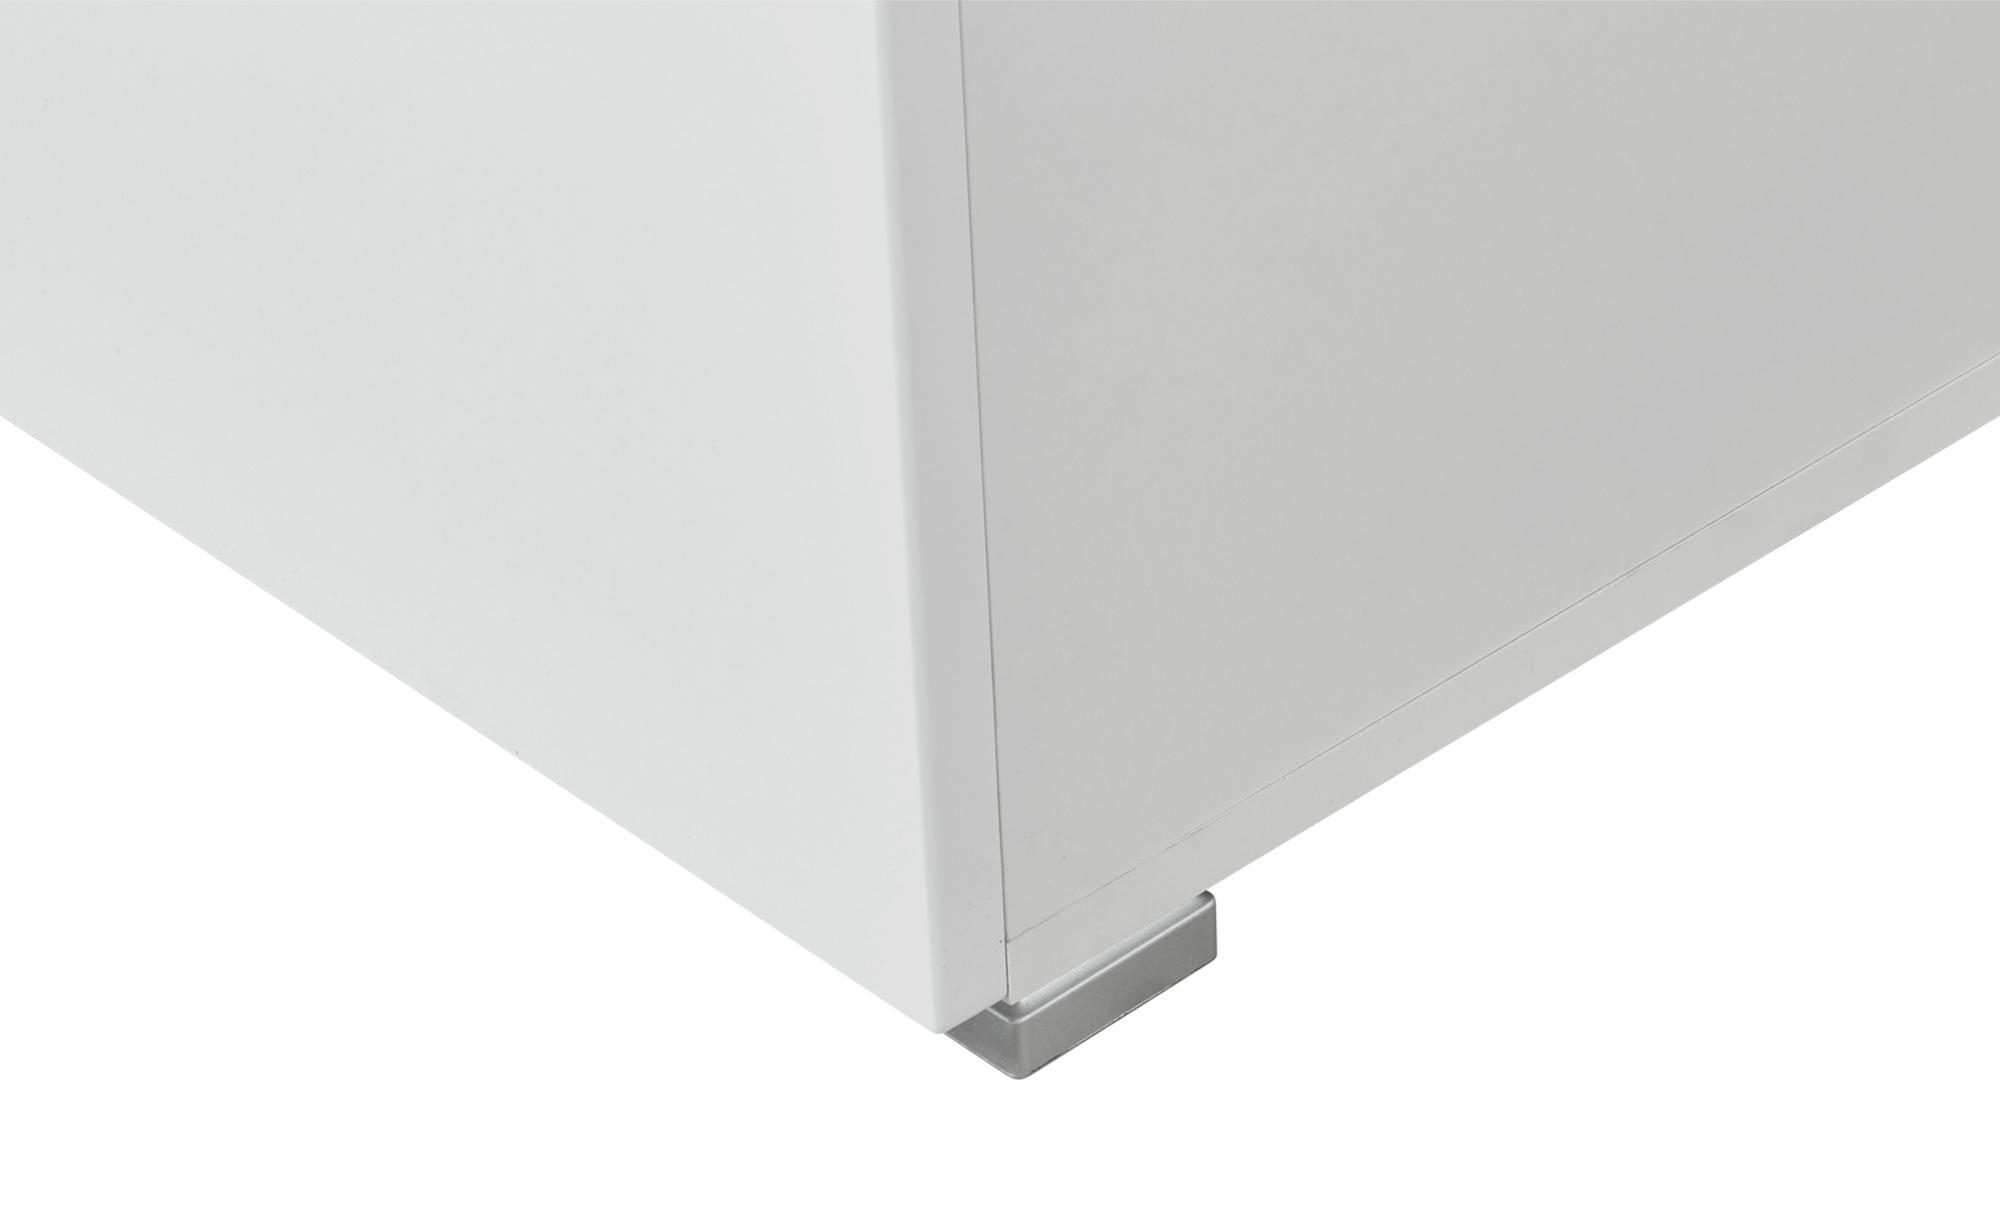 Kommode 100 Cm Breit Weiss 2021